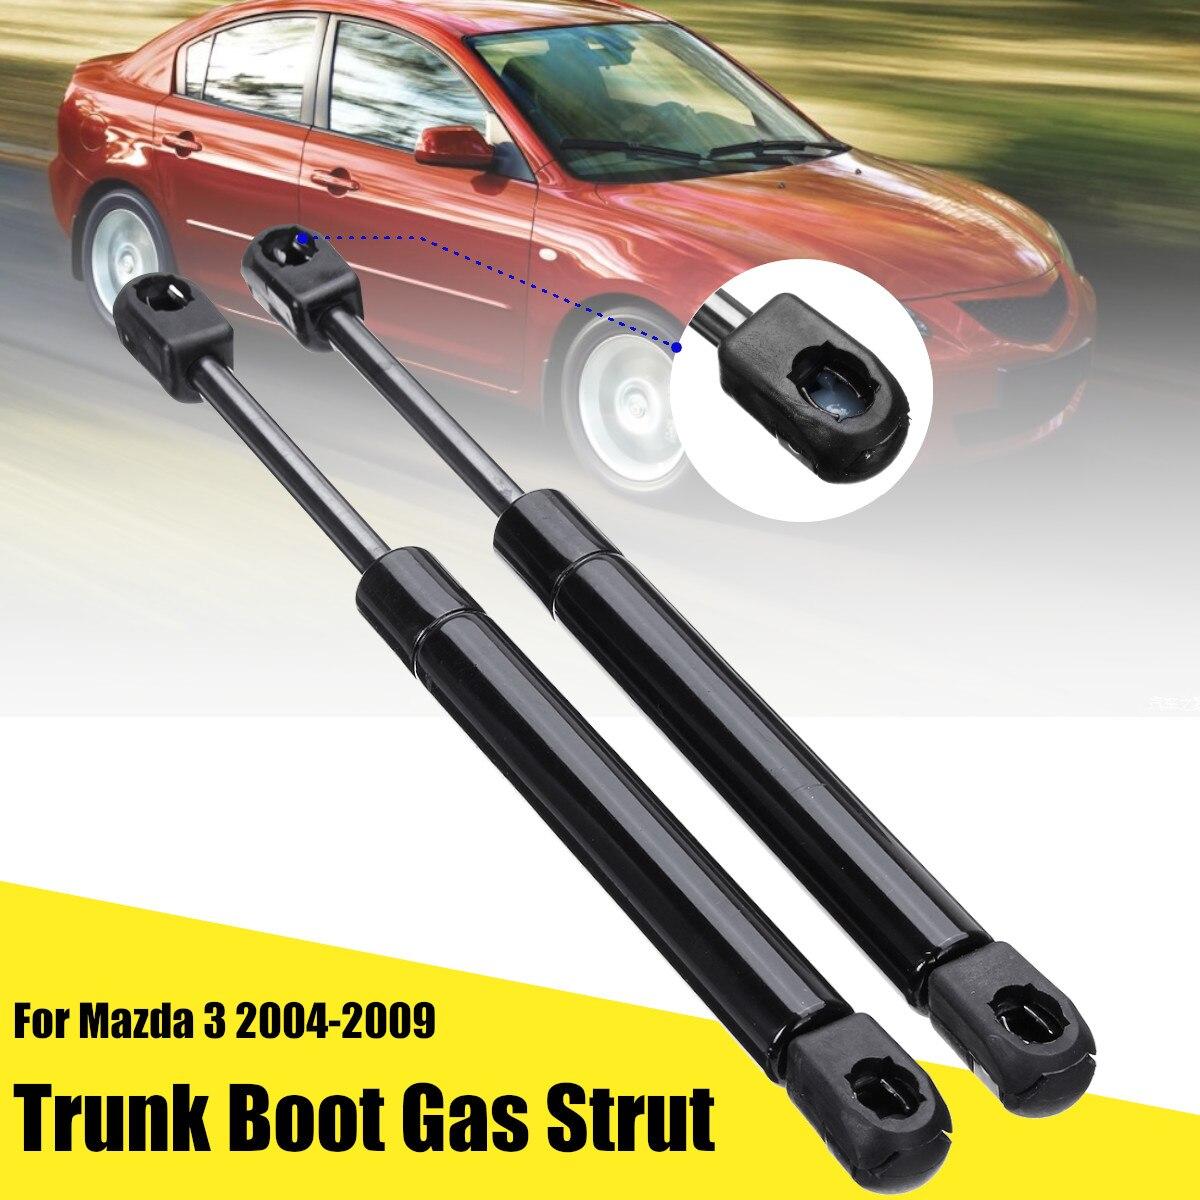 2 adet araba bagaj kapağı gövde Boot gaz süspansiyon grubu destek kaldırma Mazda 3 2004-2009 için BN8W56930 BN8V56930 BN8W56930A